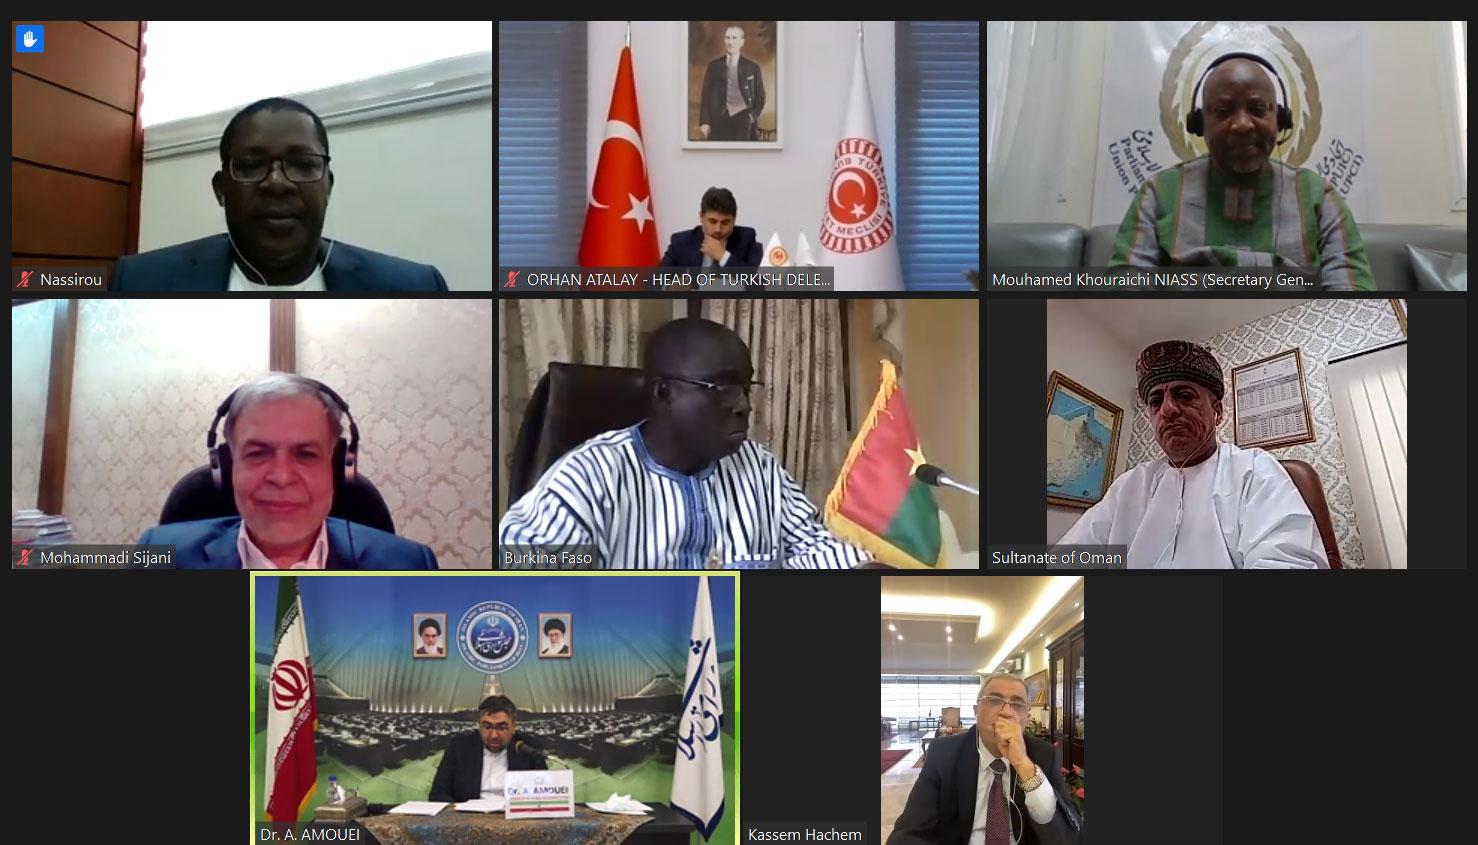 اجتماع أعضاء اللجنة التنفيذية للاتحاد المعنى بدراسة جائحة COVID-19